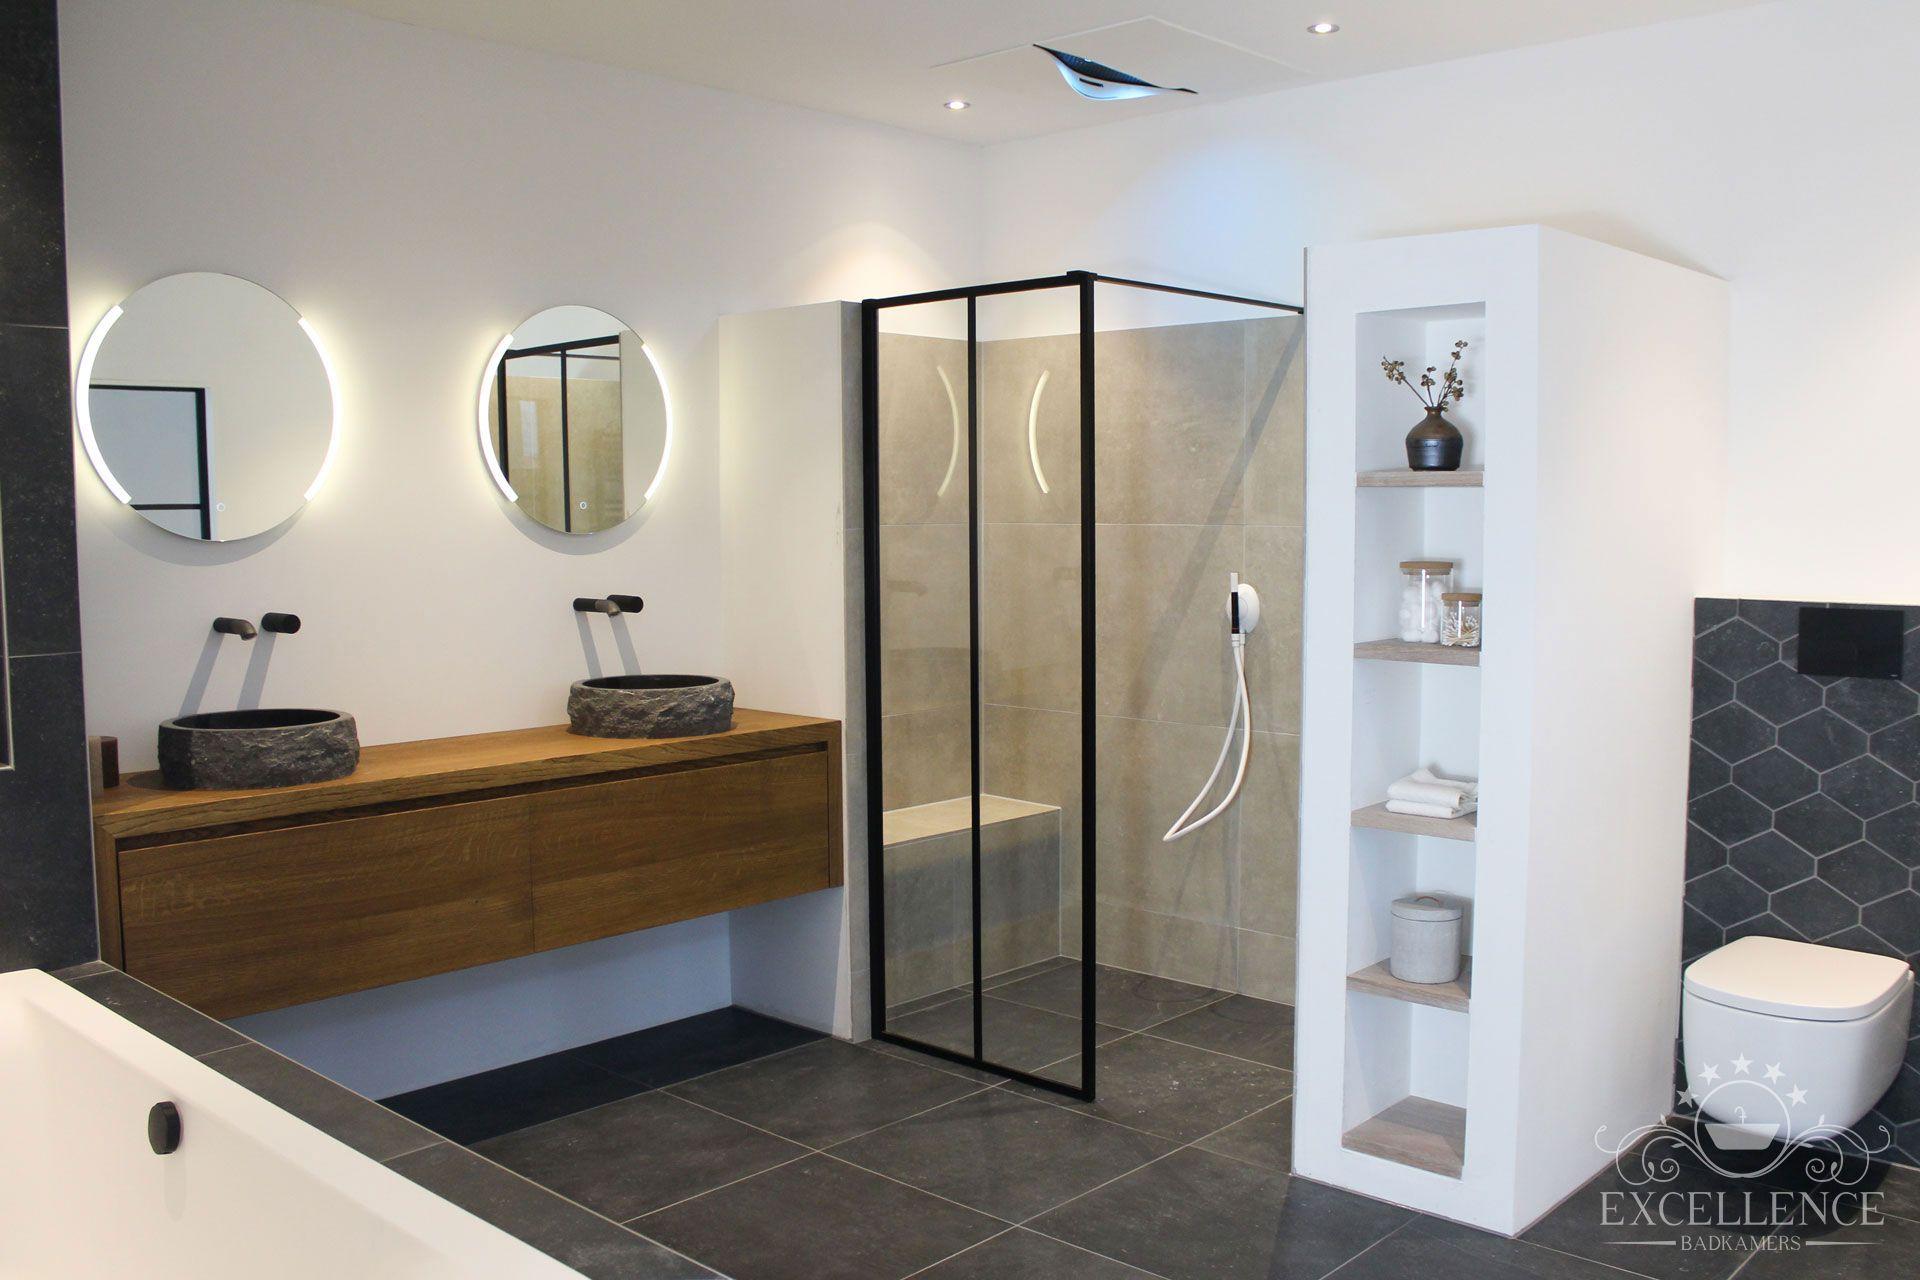 Badkamer Inspiratie - Excellence Badkamers Delft | ideeën voor thuis ...